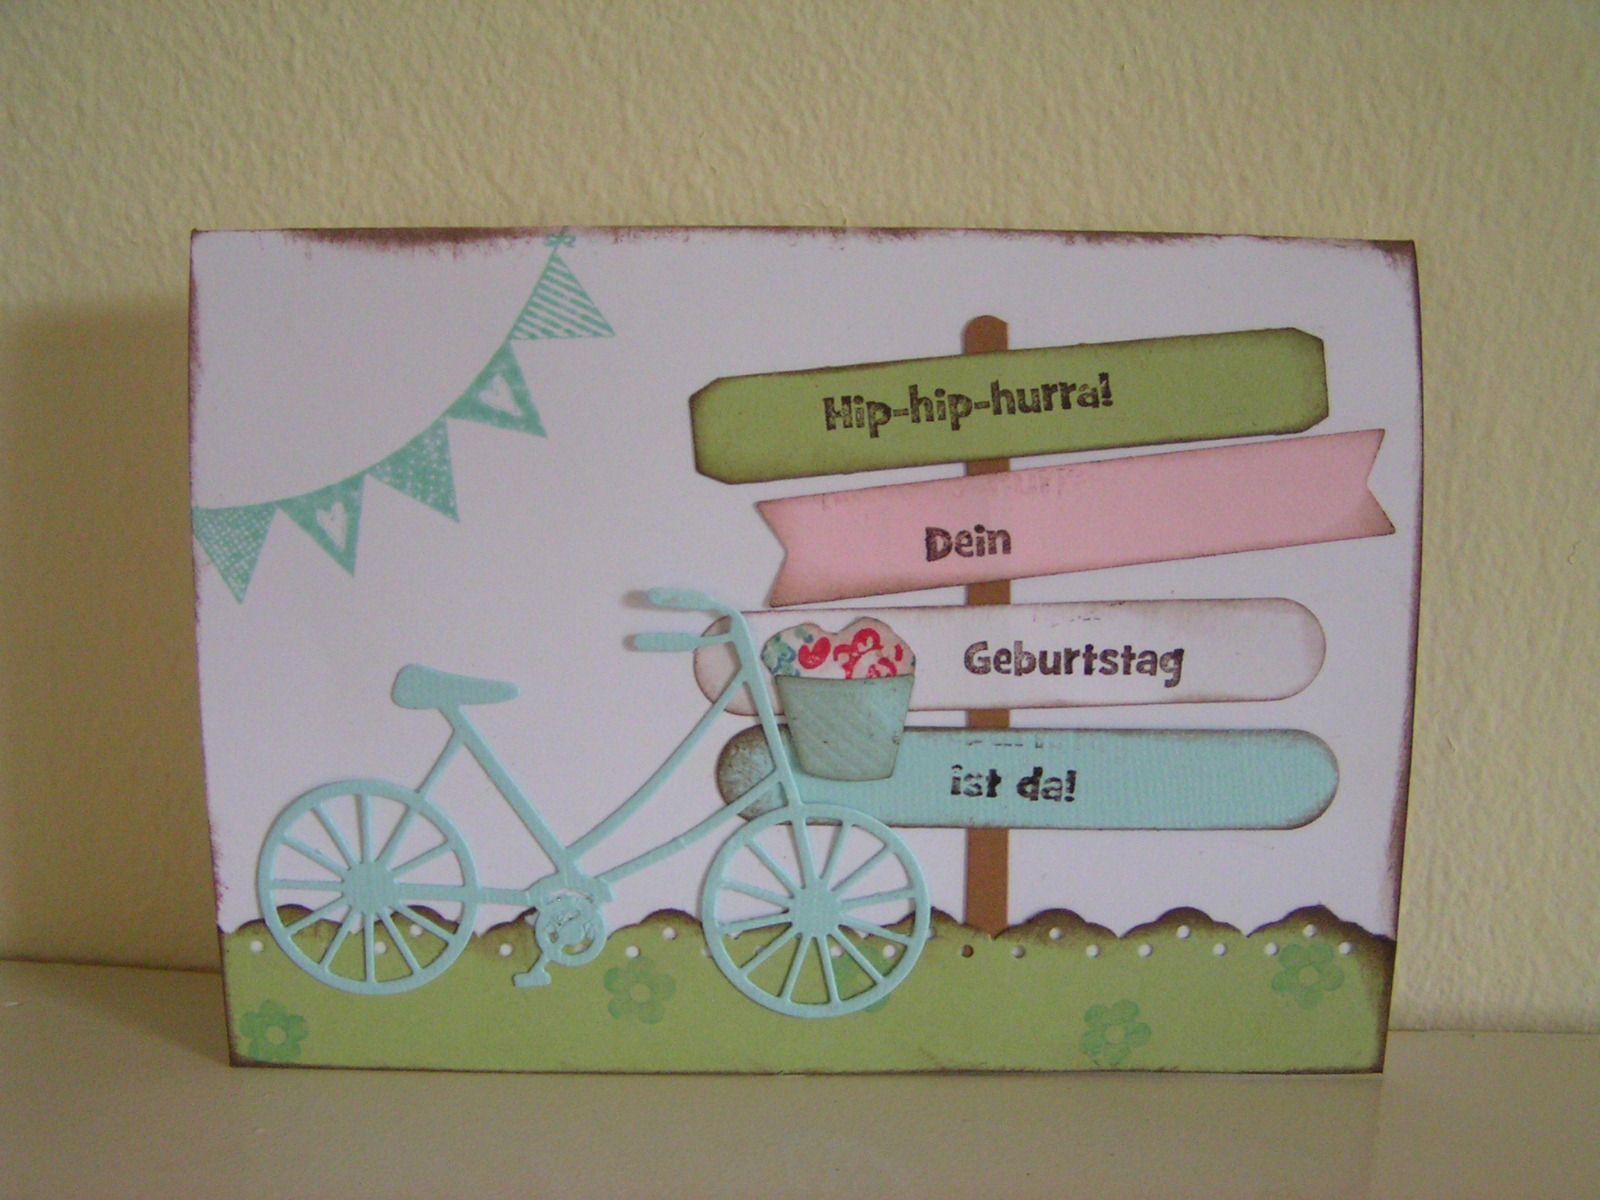 Geburtstagskarte Mit Fahrrad Von Memorybox Geburtstagskarte